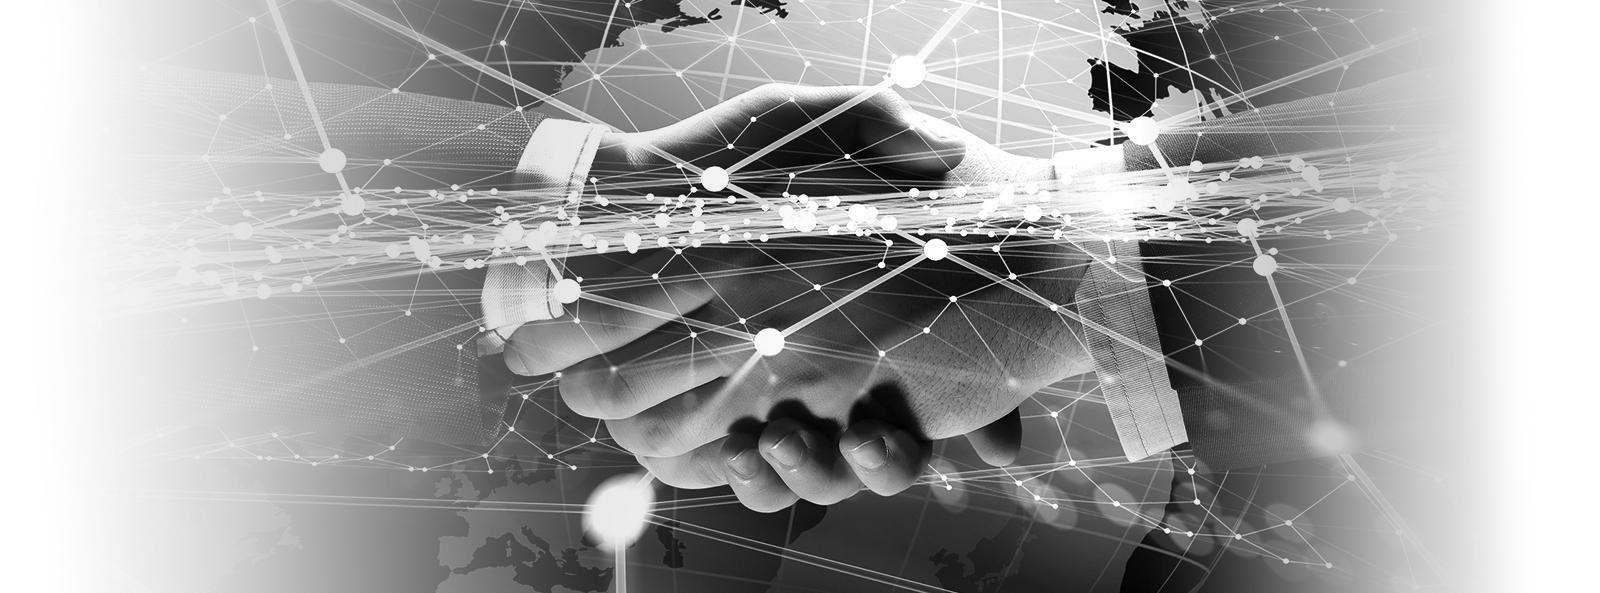 Somos tu socio estratégico en soluciones informáticas